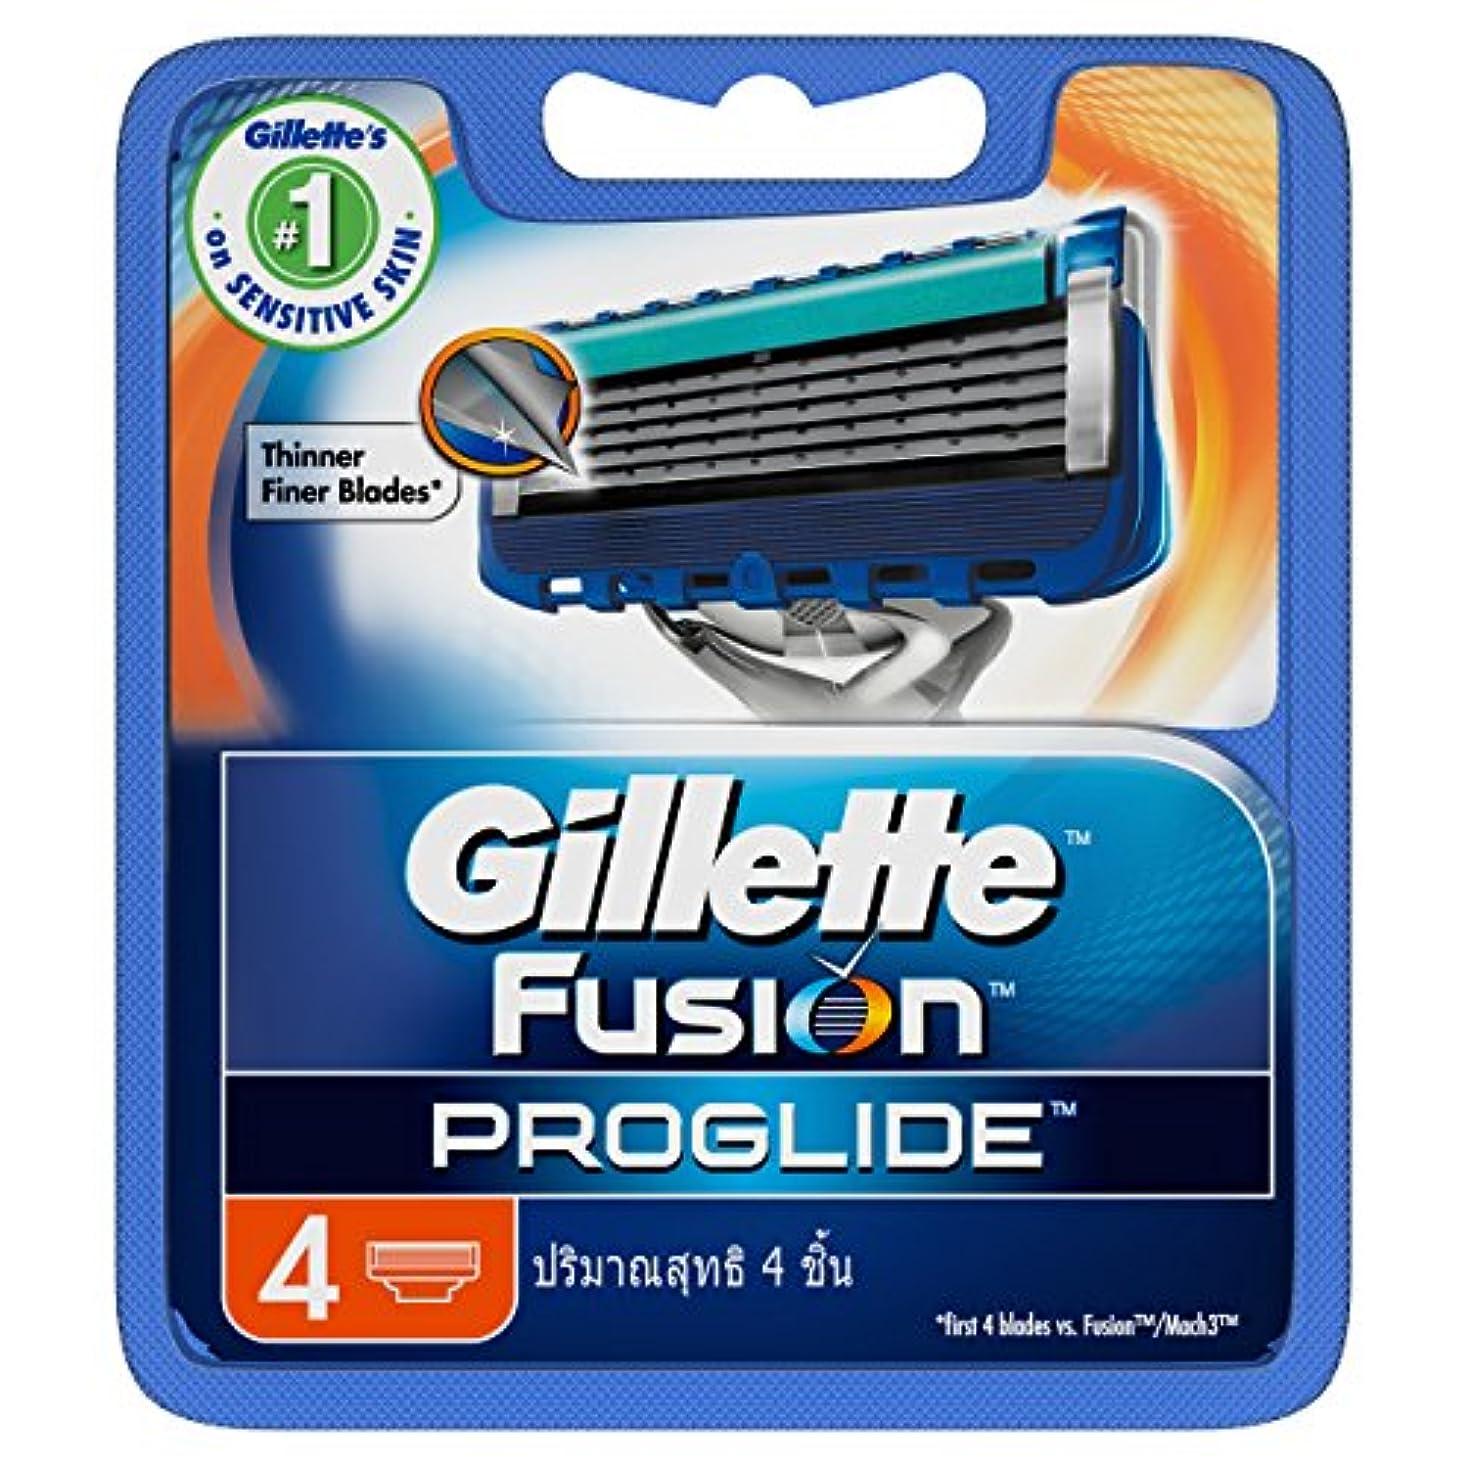 パンツかろうじて寄り添うGillette Fusion Proglide Shaving Cartridges 4